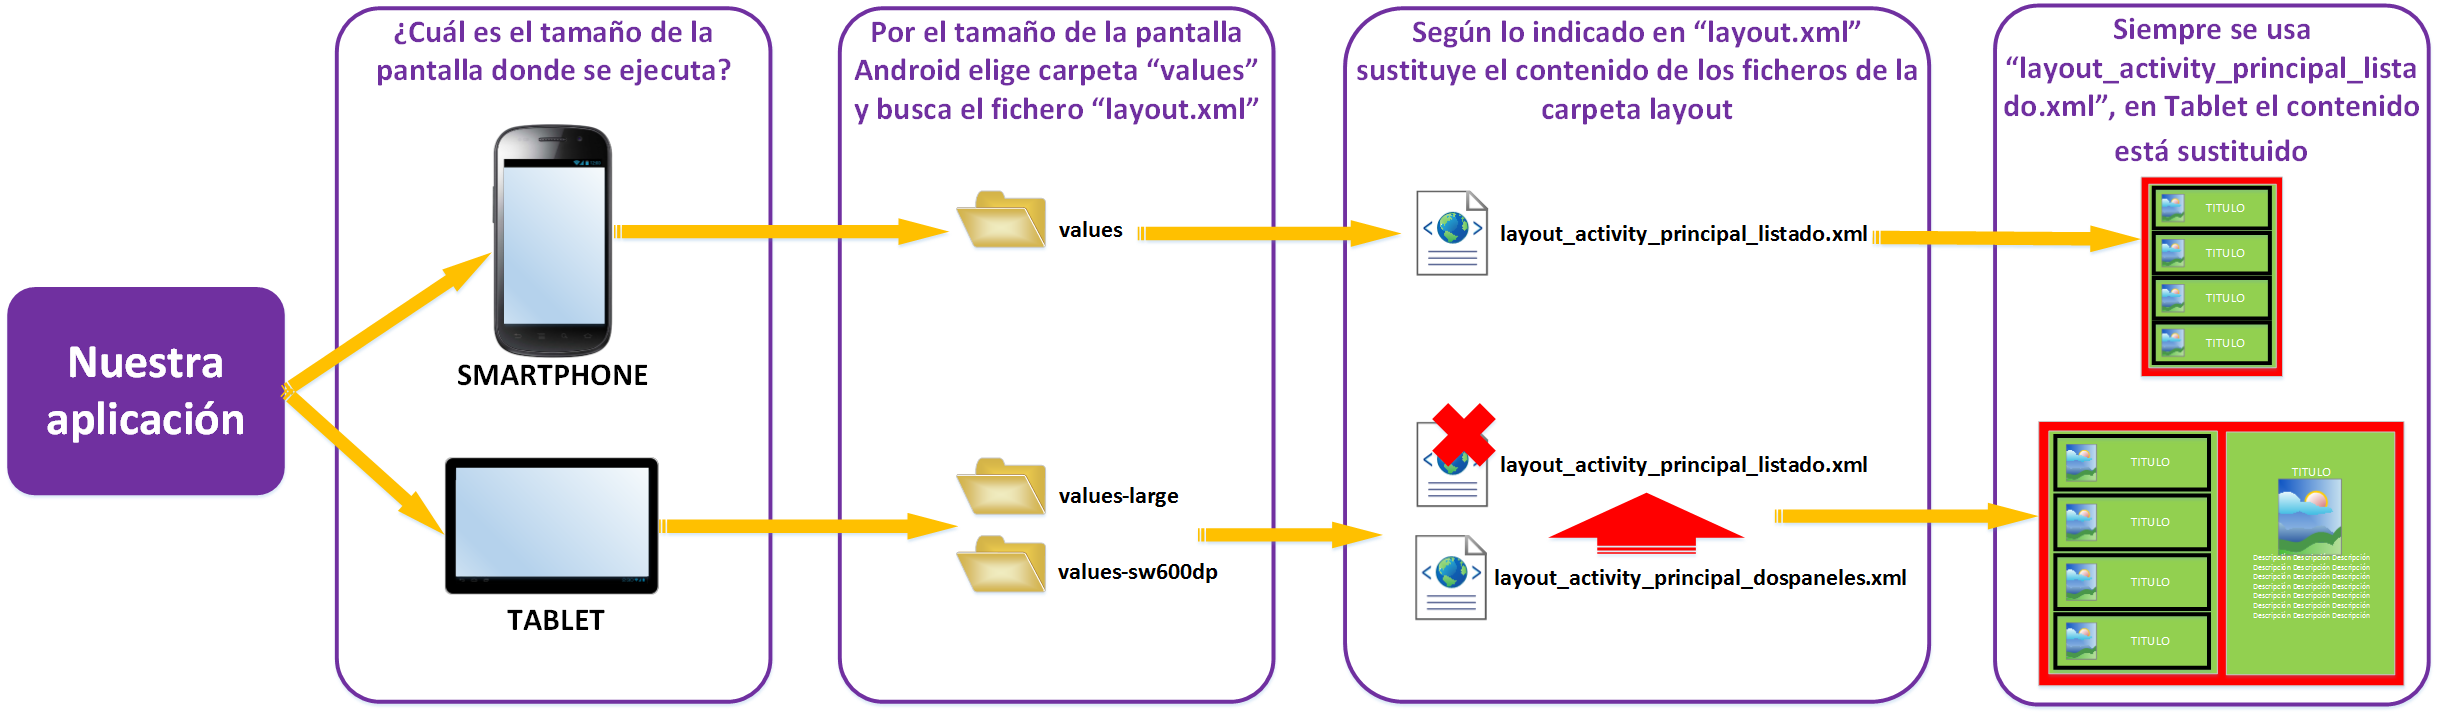 Tipo de pantalla influye en lo mostrado en la aplicacion Fragments Android - www.Jarroba.com